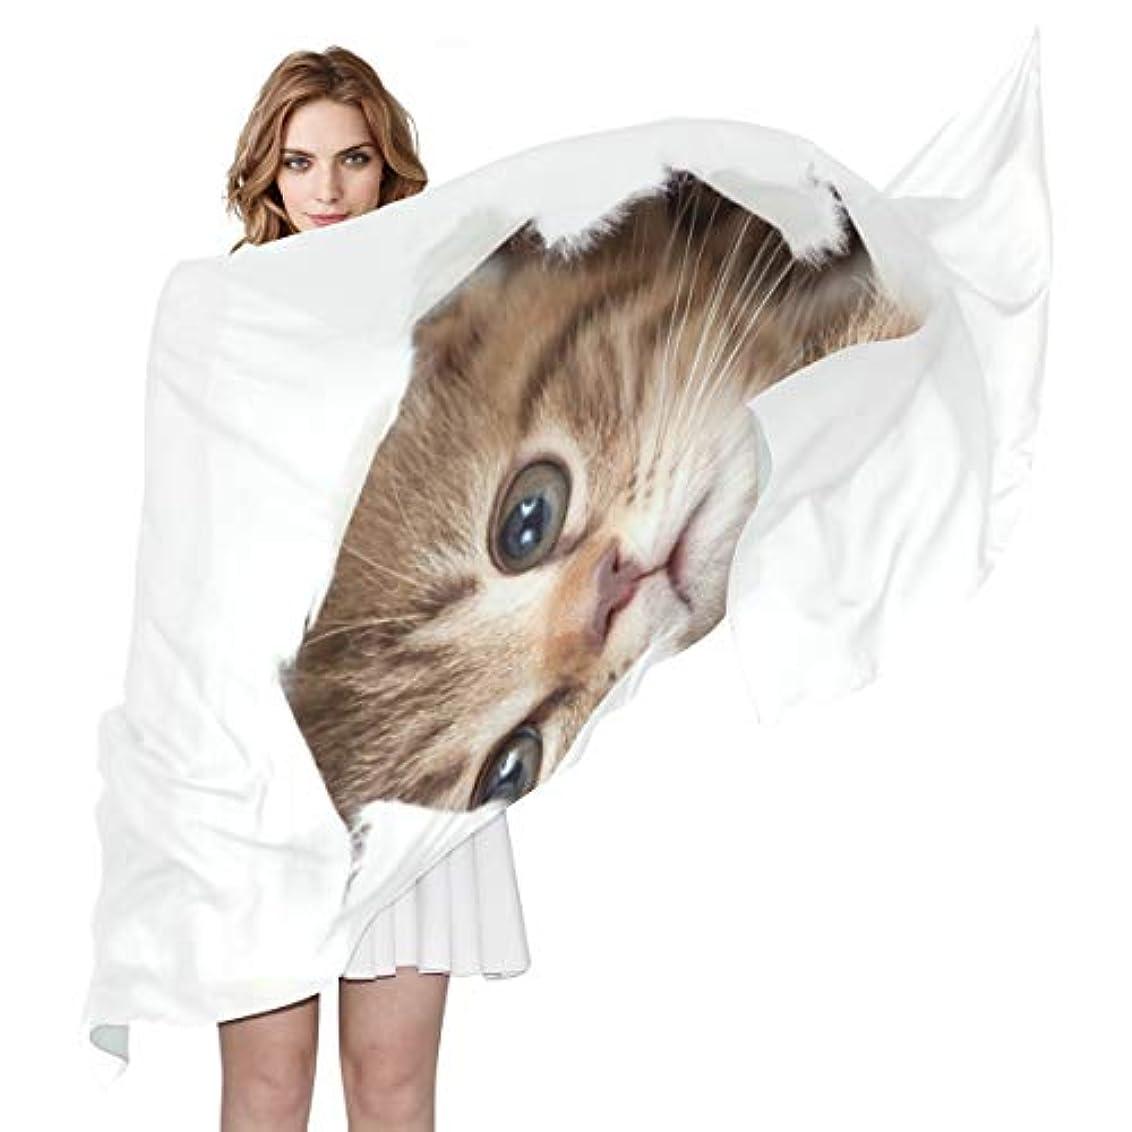 究極の五十ベルトユキオ(UKIO) 肌触り抜群 薄手 シフォンシルク ロング スカーフ ストール バンダナ おしゃれ 猫 隠れた彼女 子供 贈り物 ギフト 母の日 誕生日 プレゼント レディース バレンタインデー かわいい